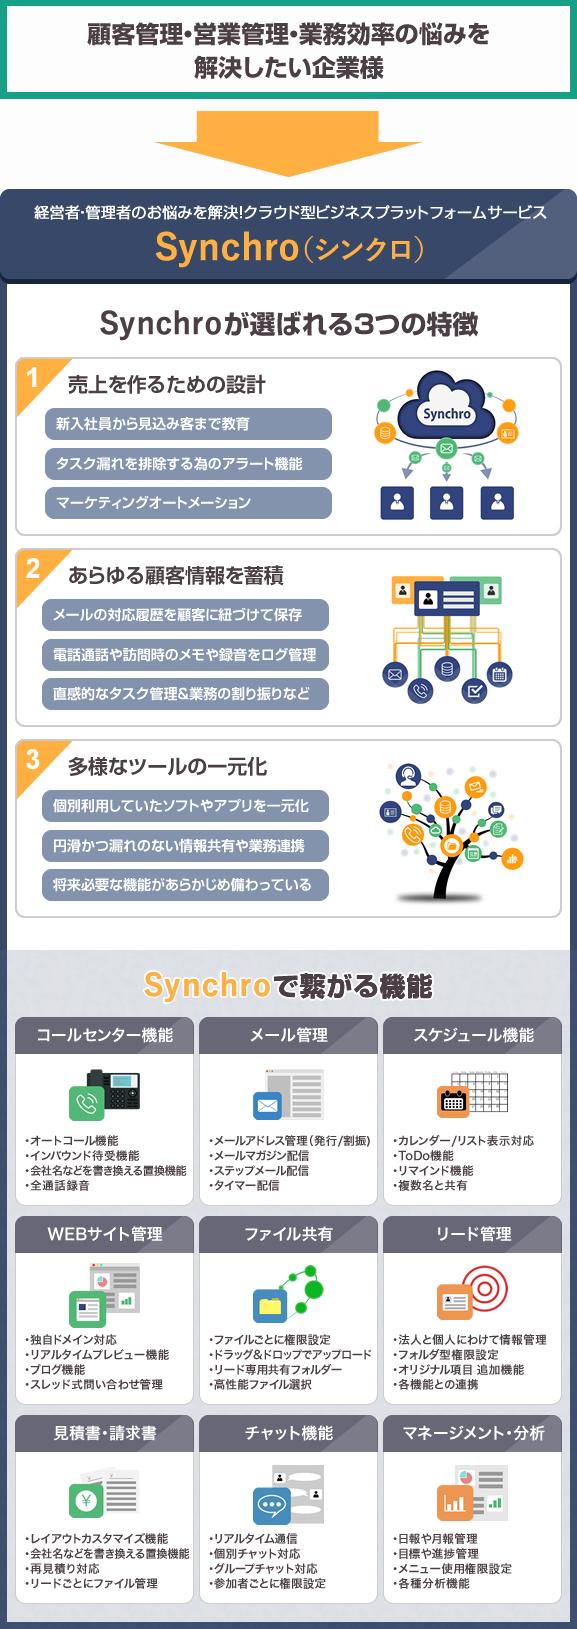 Synchro(シンクロ)